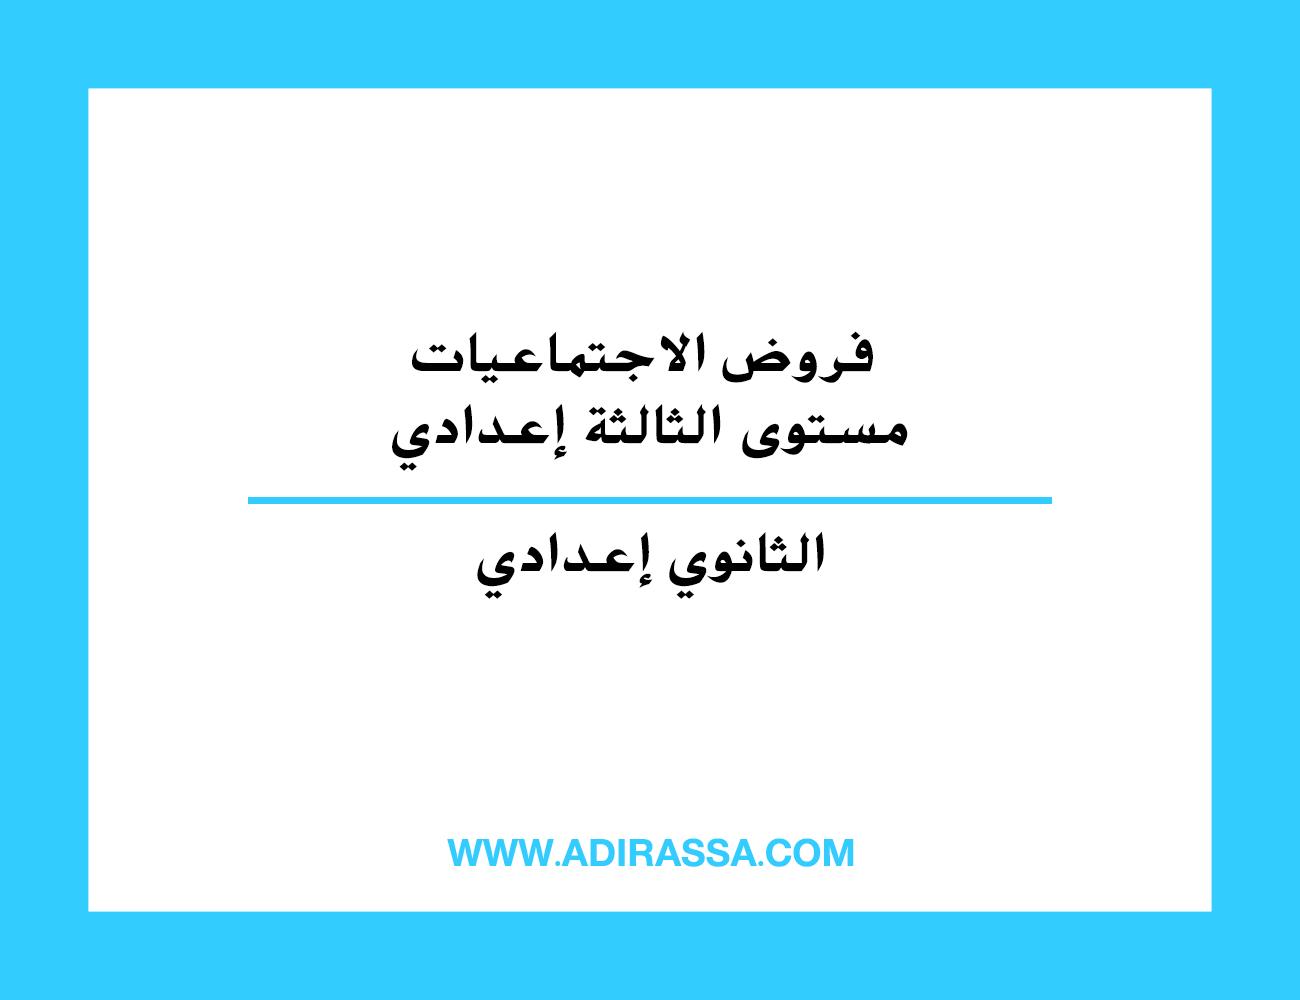 فروض الاجتماعيات مستوى الثالثة إعدادي المقررة في المدرسة المغربية